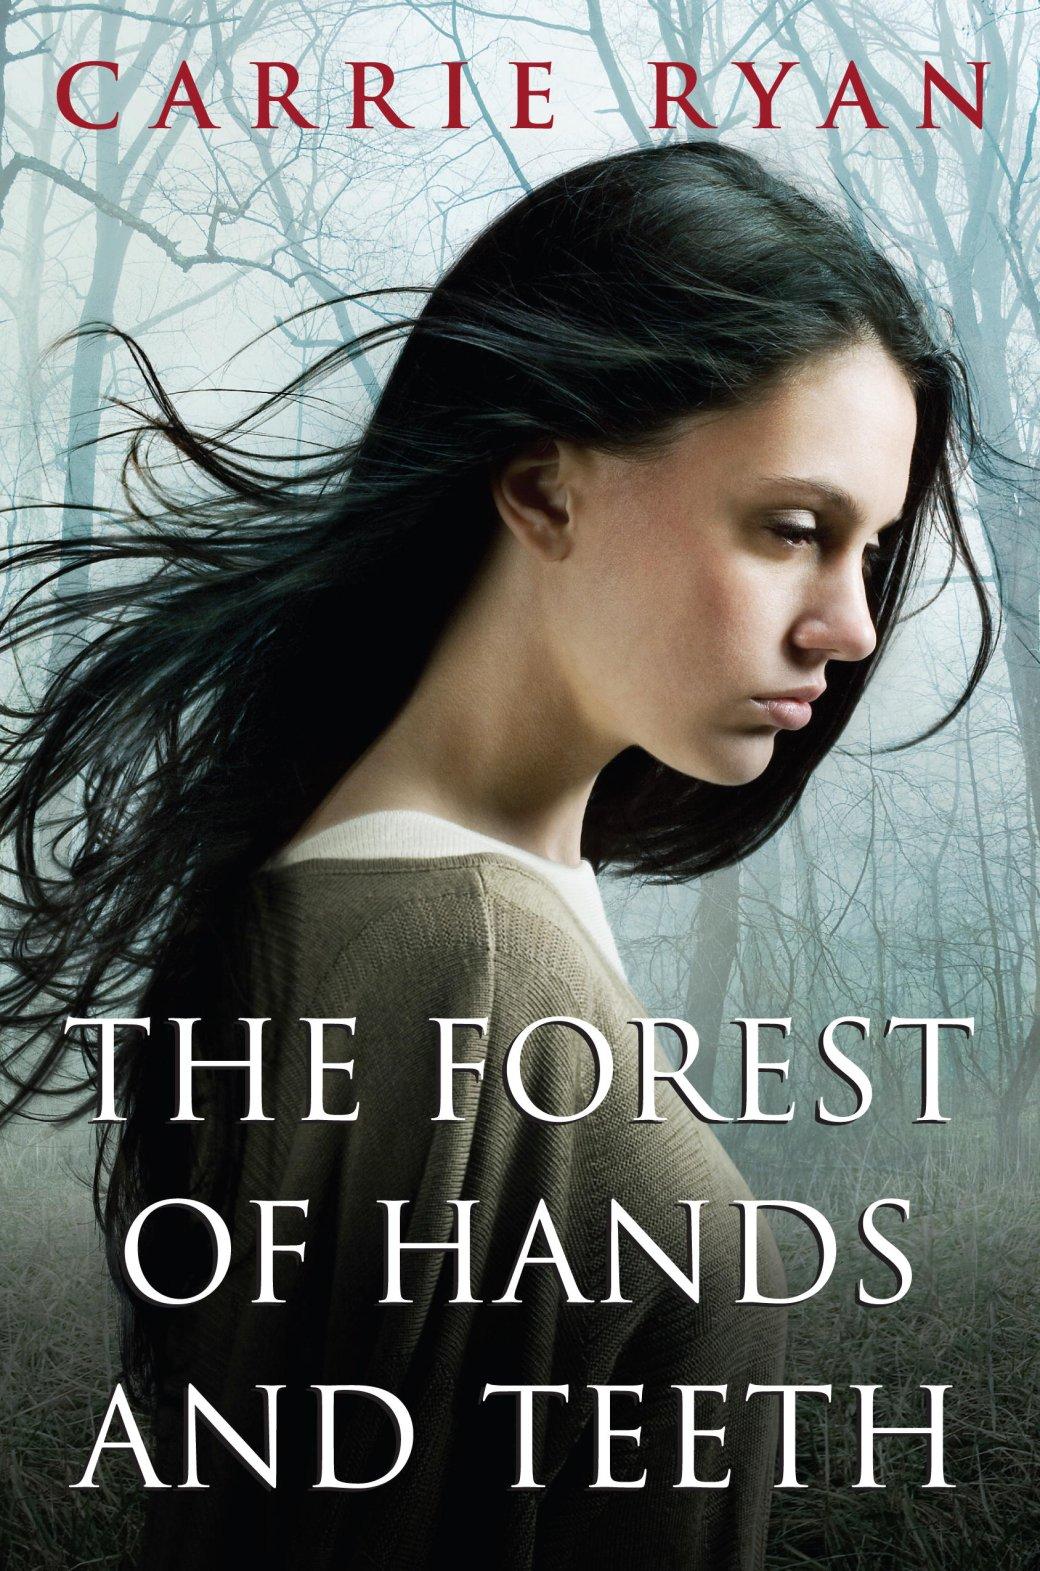 Мэйси Уильямс снимется в девочковом зомби-хорроре «Лес рук и зубов» - Изображение 2